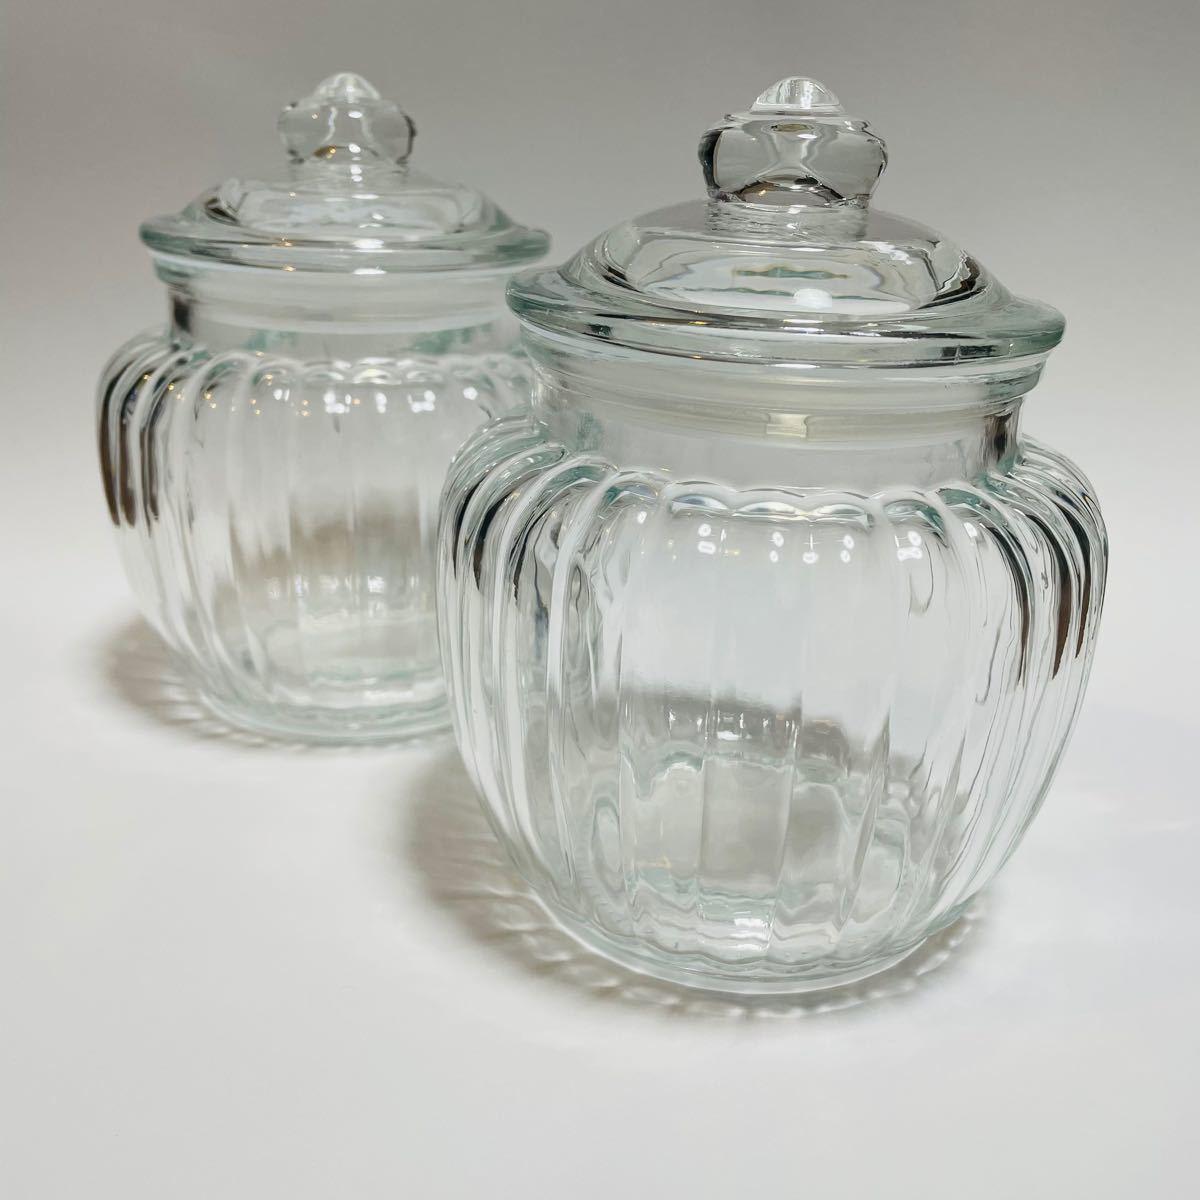 ガラスキャニスター ガラス瓶 蓋付き レトロ アンティーク ガラスキャニスター